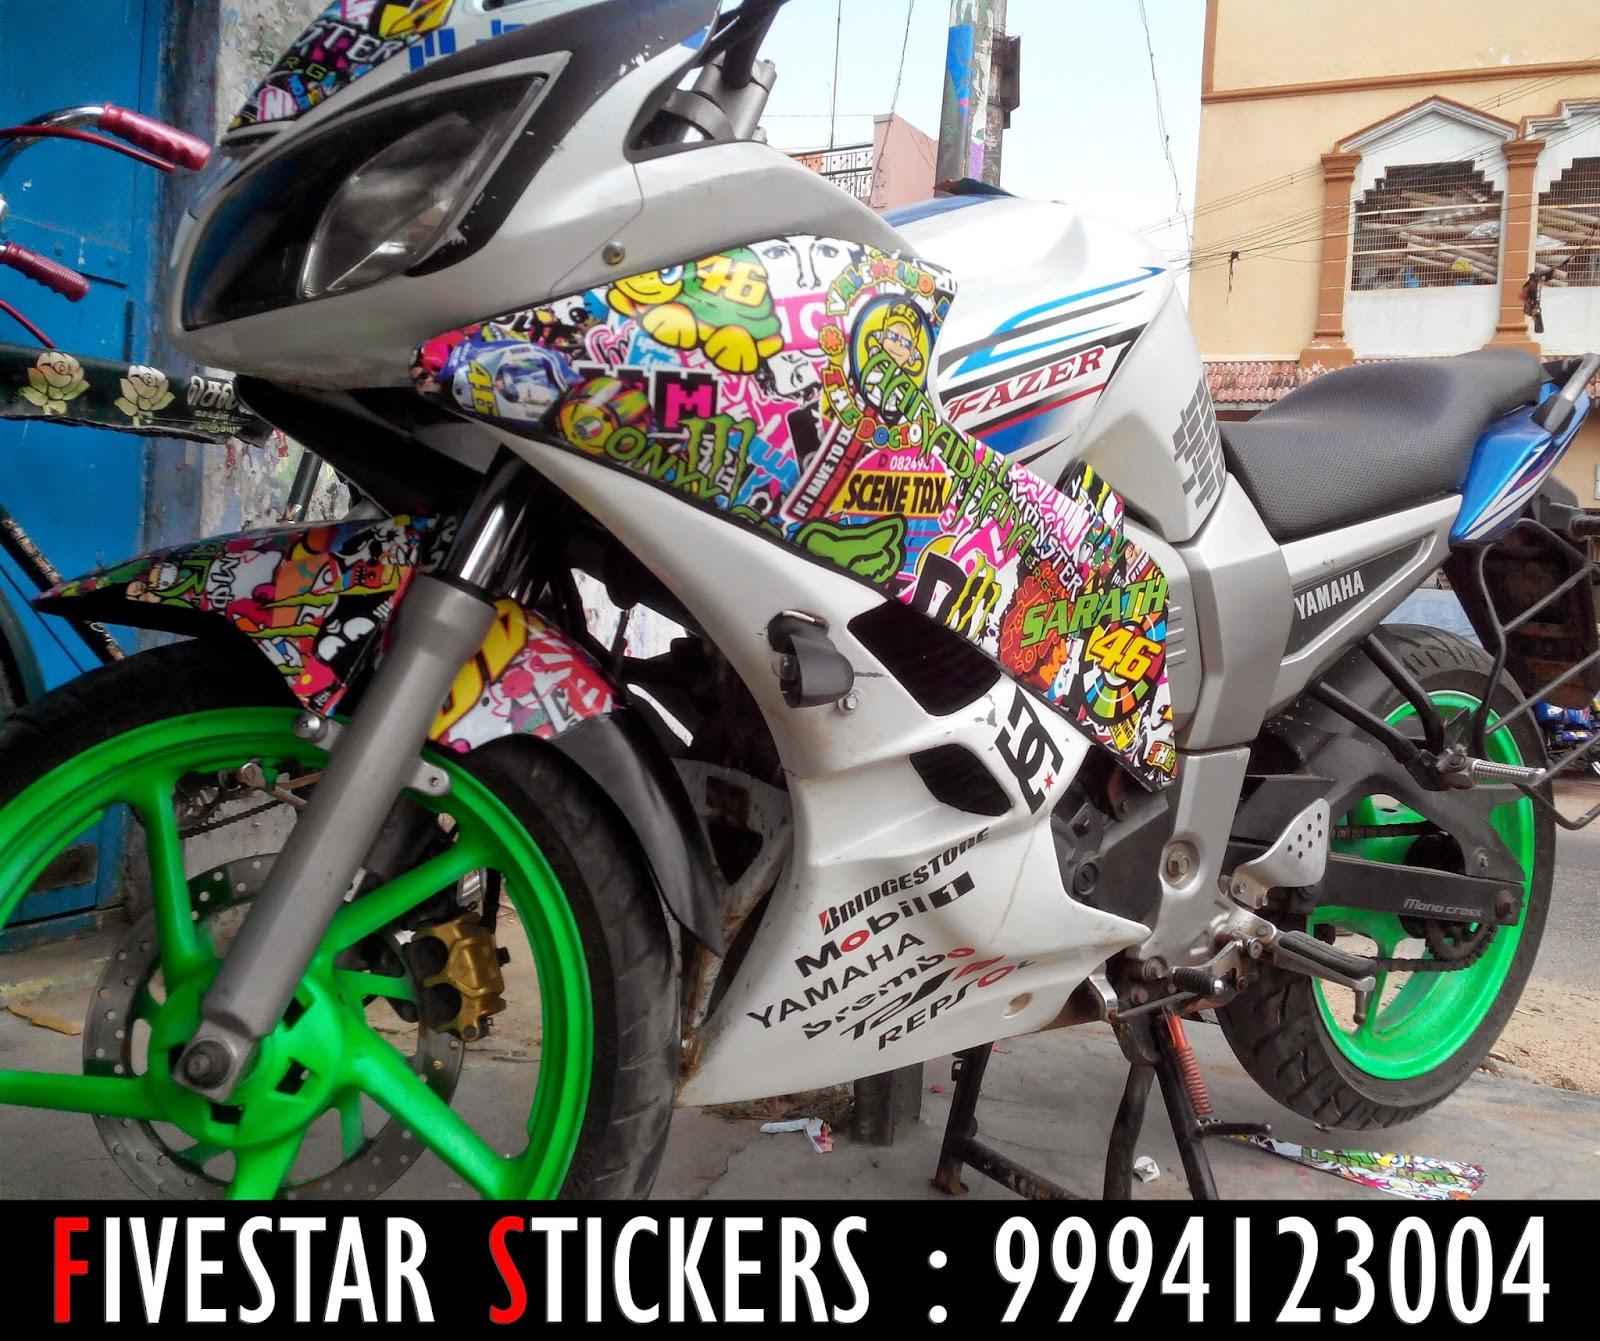 Yamaha bike sticker designs - Yamaha Bike Sticker Designs 6